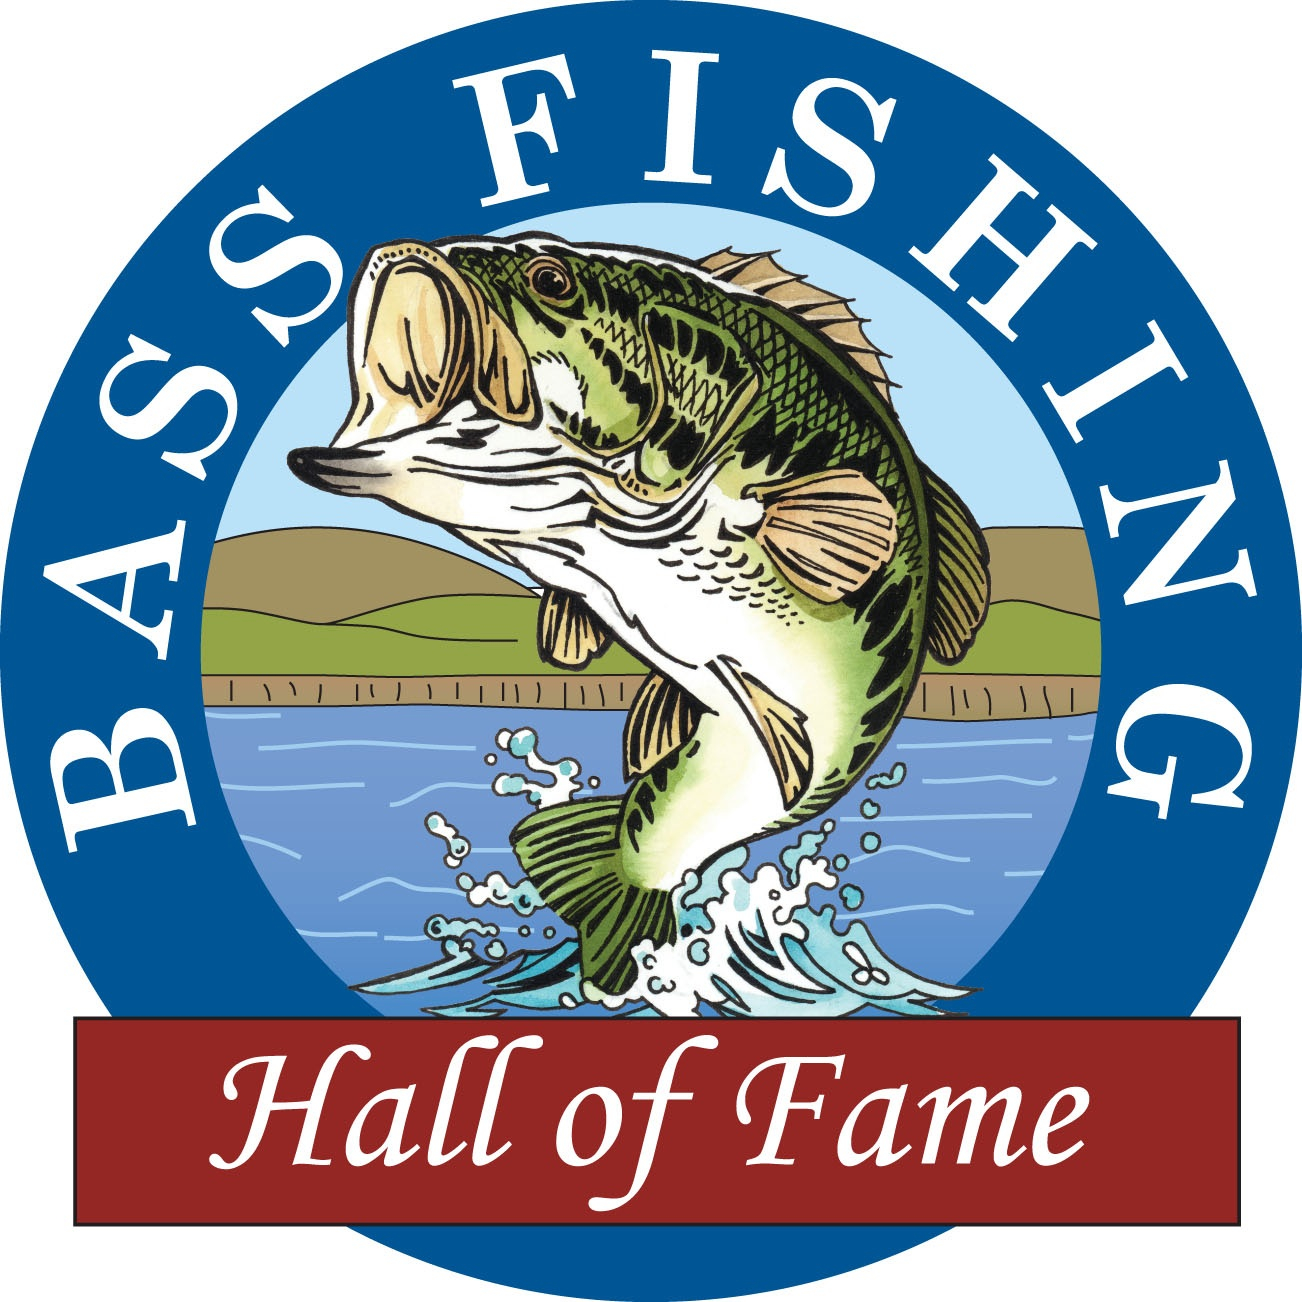 Bass Fishing Hall of Fame